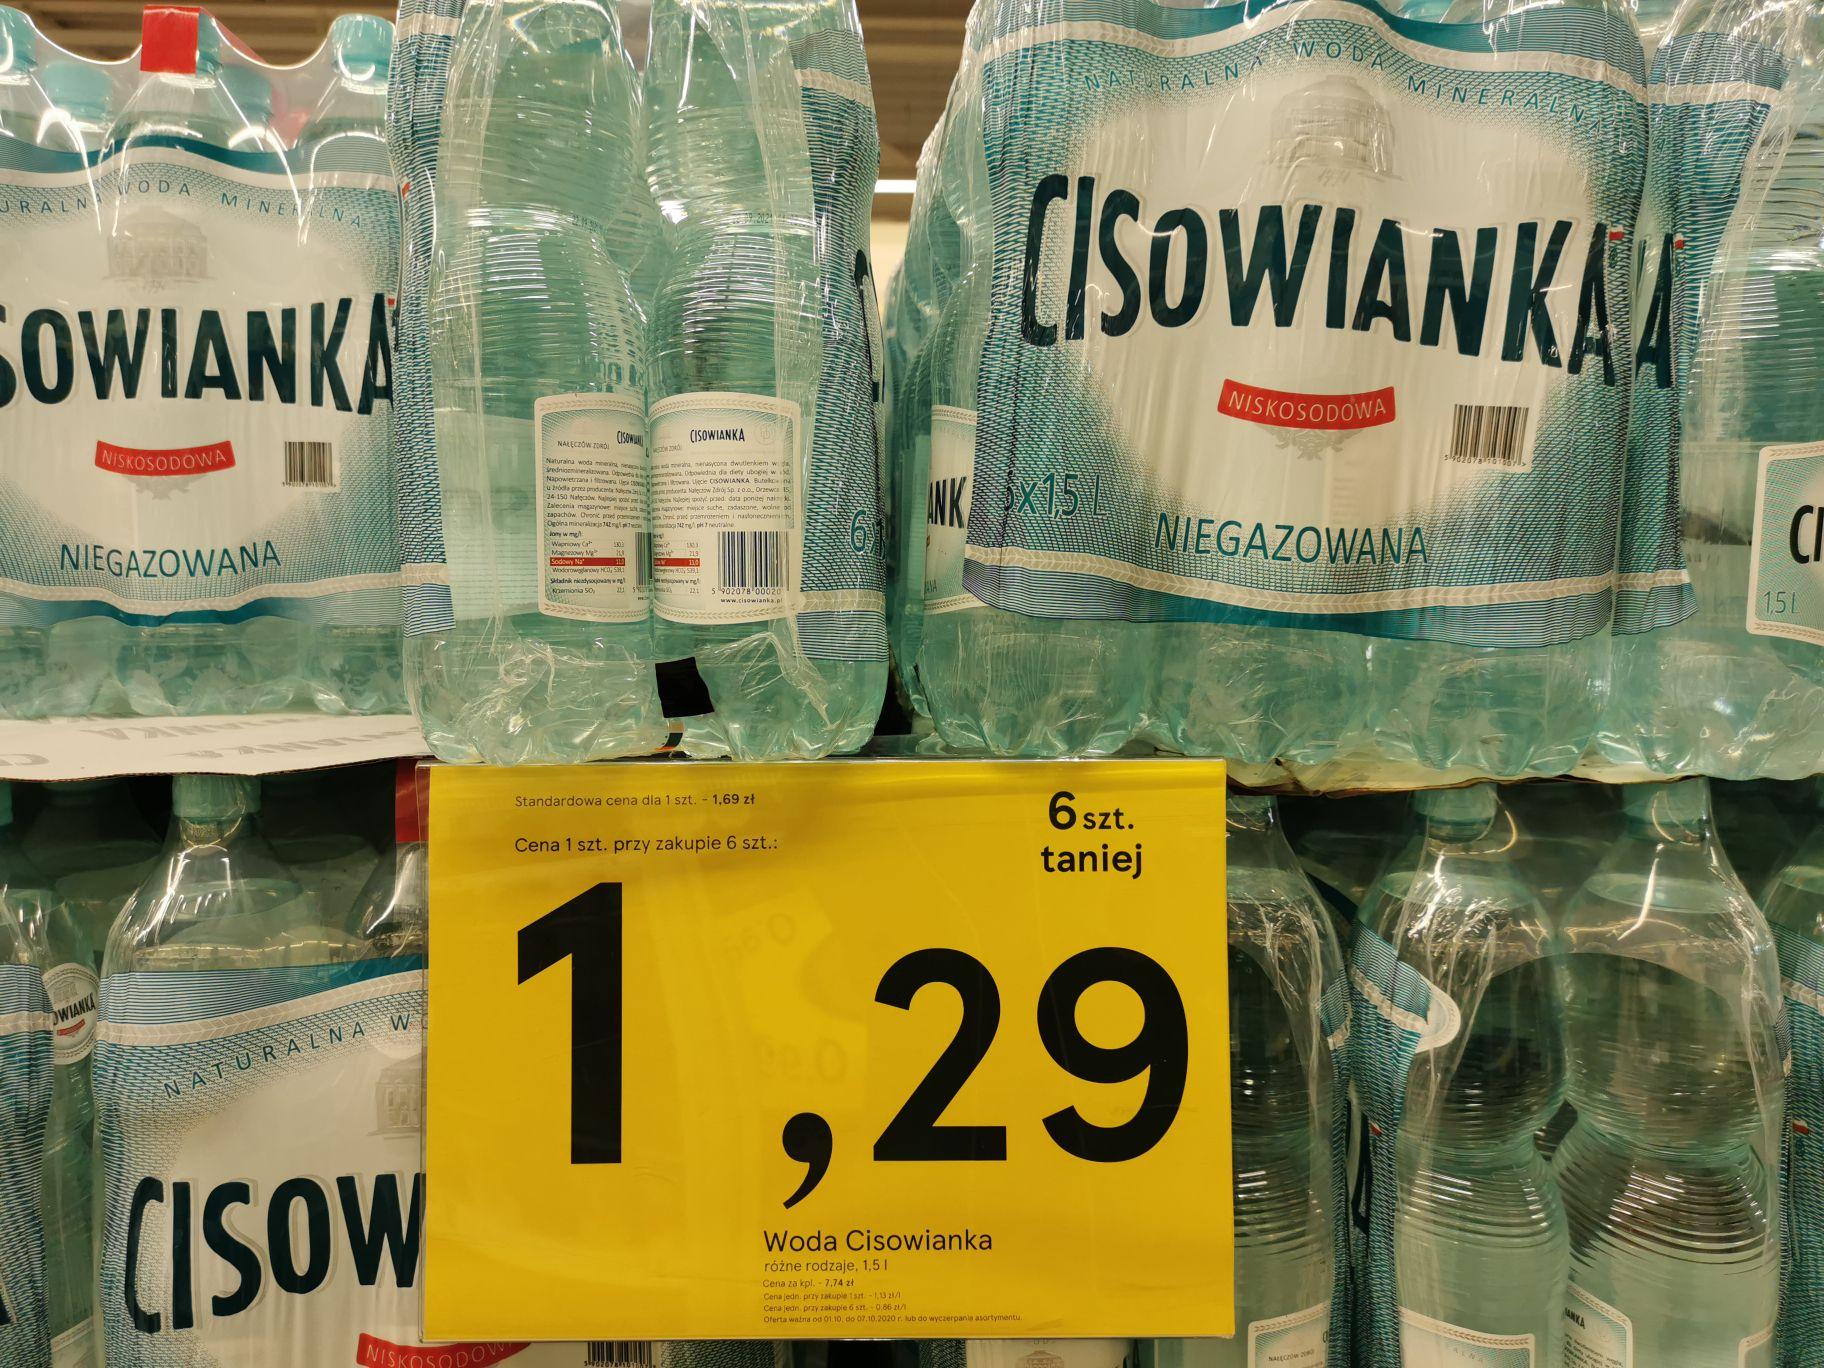 Woda Cisowianka 1.5l różne rodzaje 1.29pln Tesco